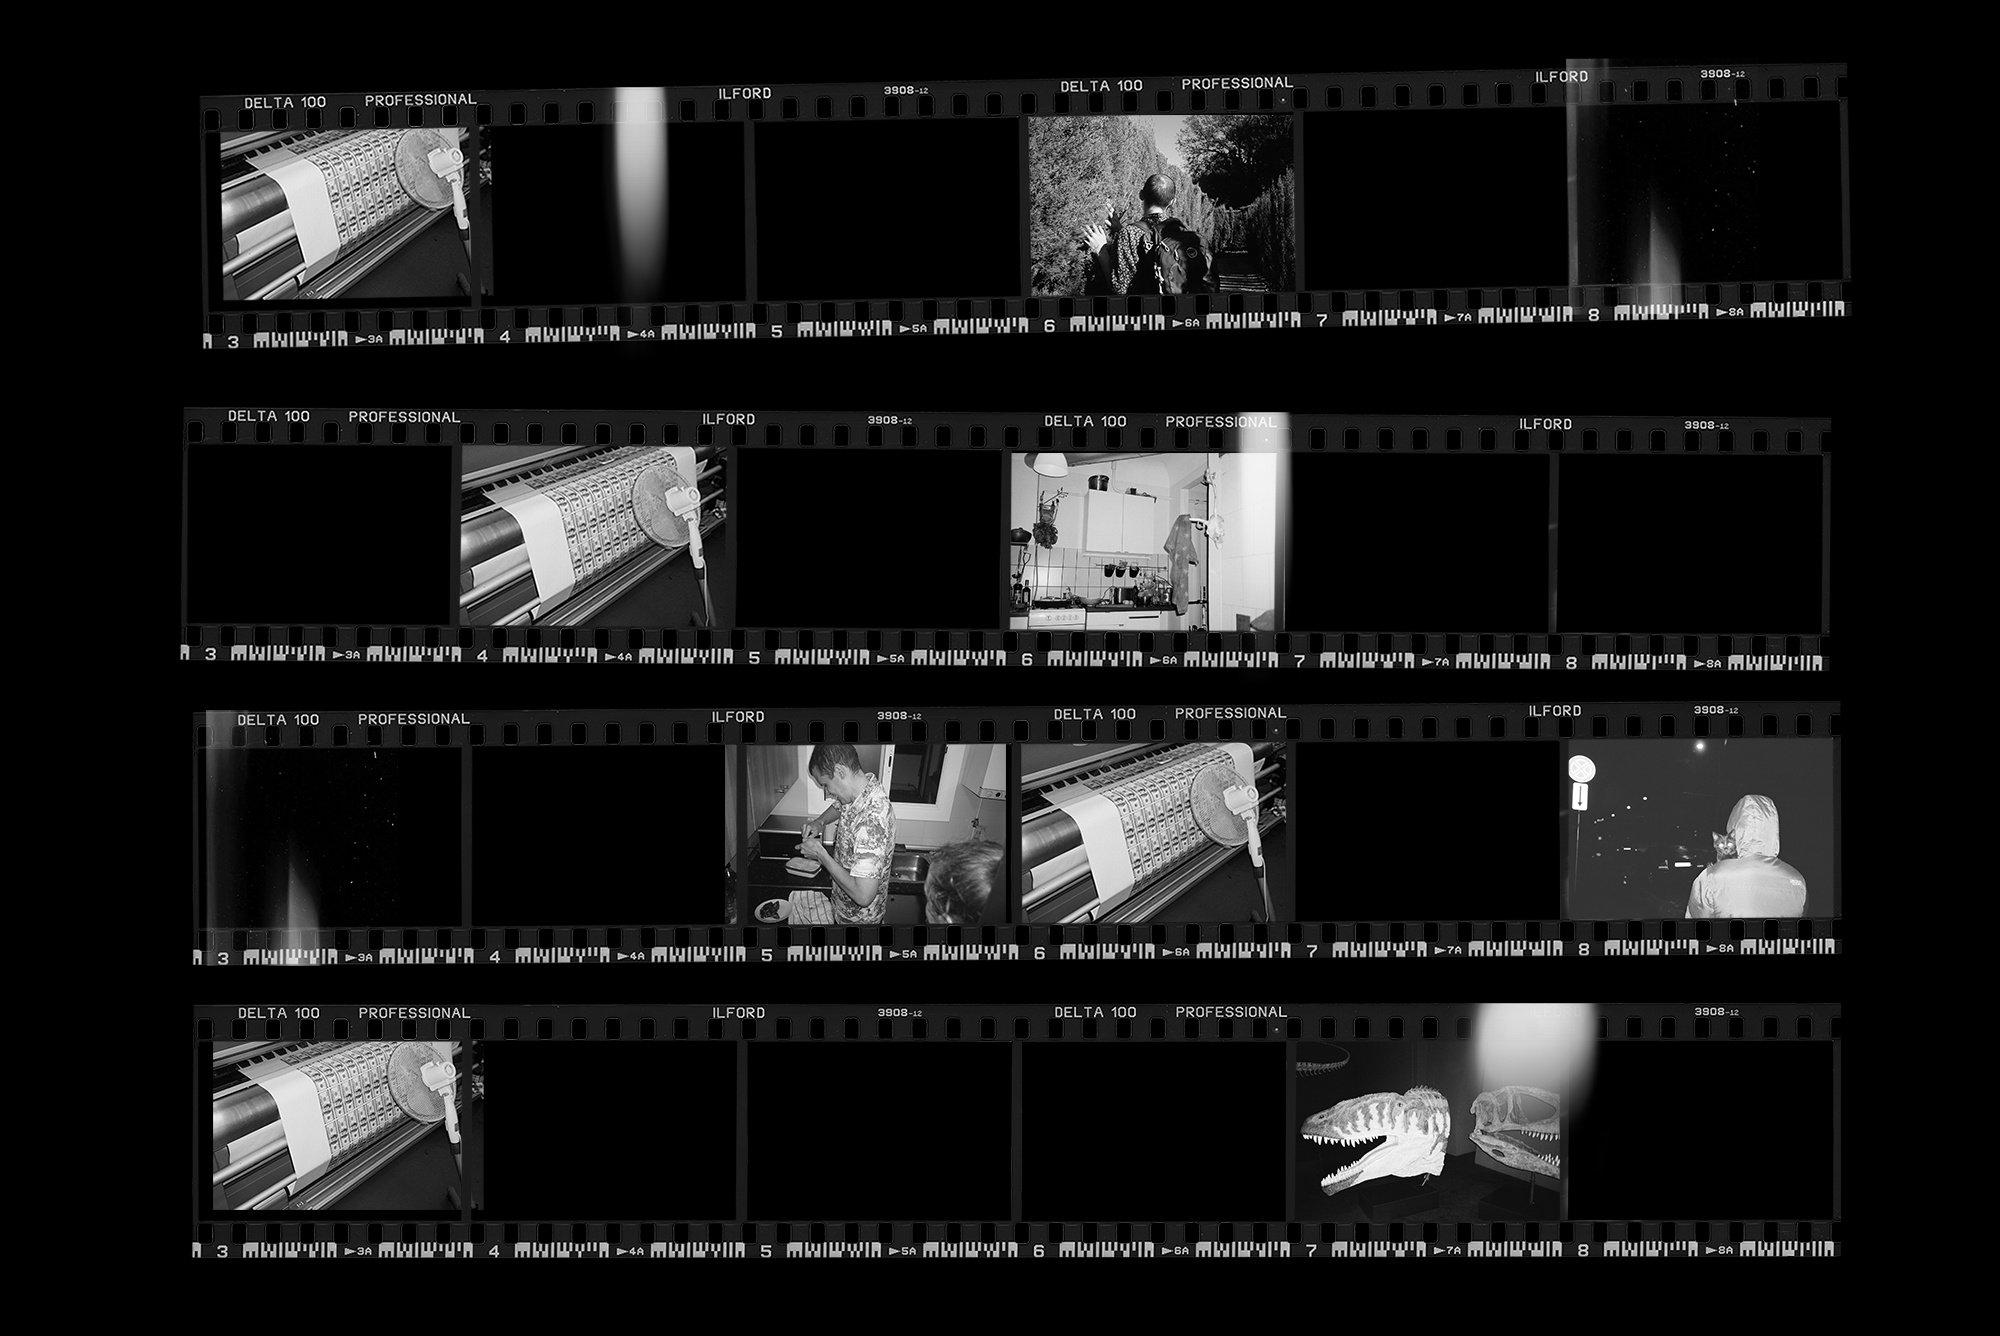 [淘宝购买] 潮流老式胶片胶卷边框图层叠加样机PS设计素材 Contact Sheet Film Roll Mockup插图(2)